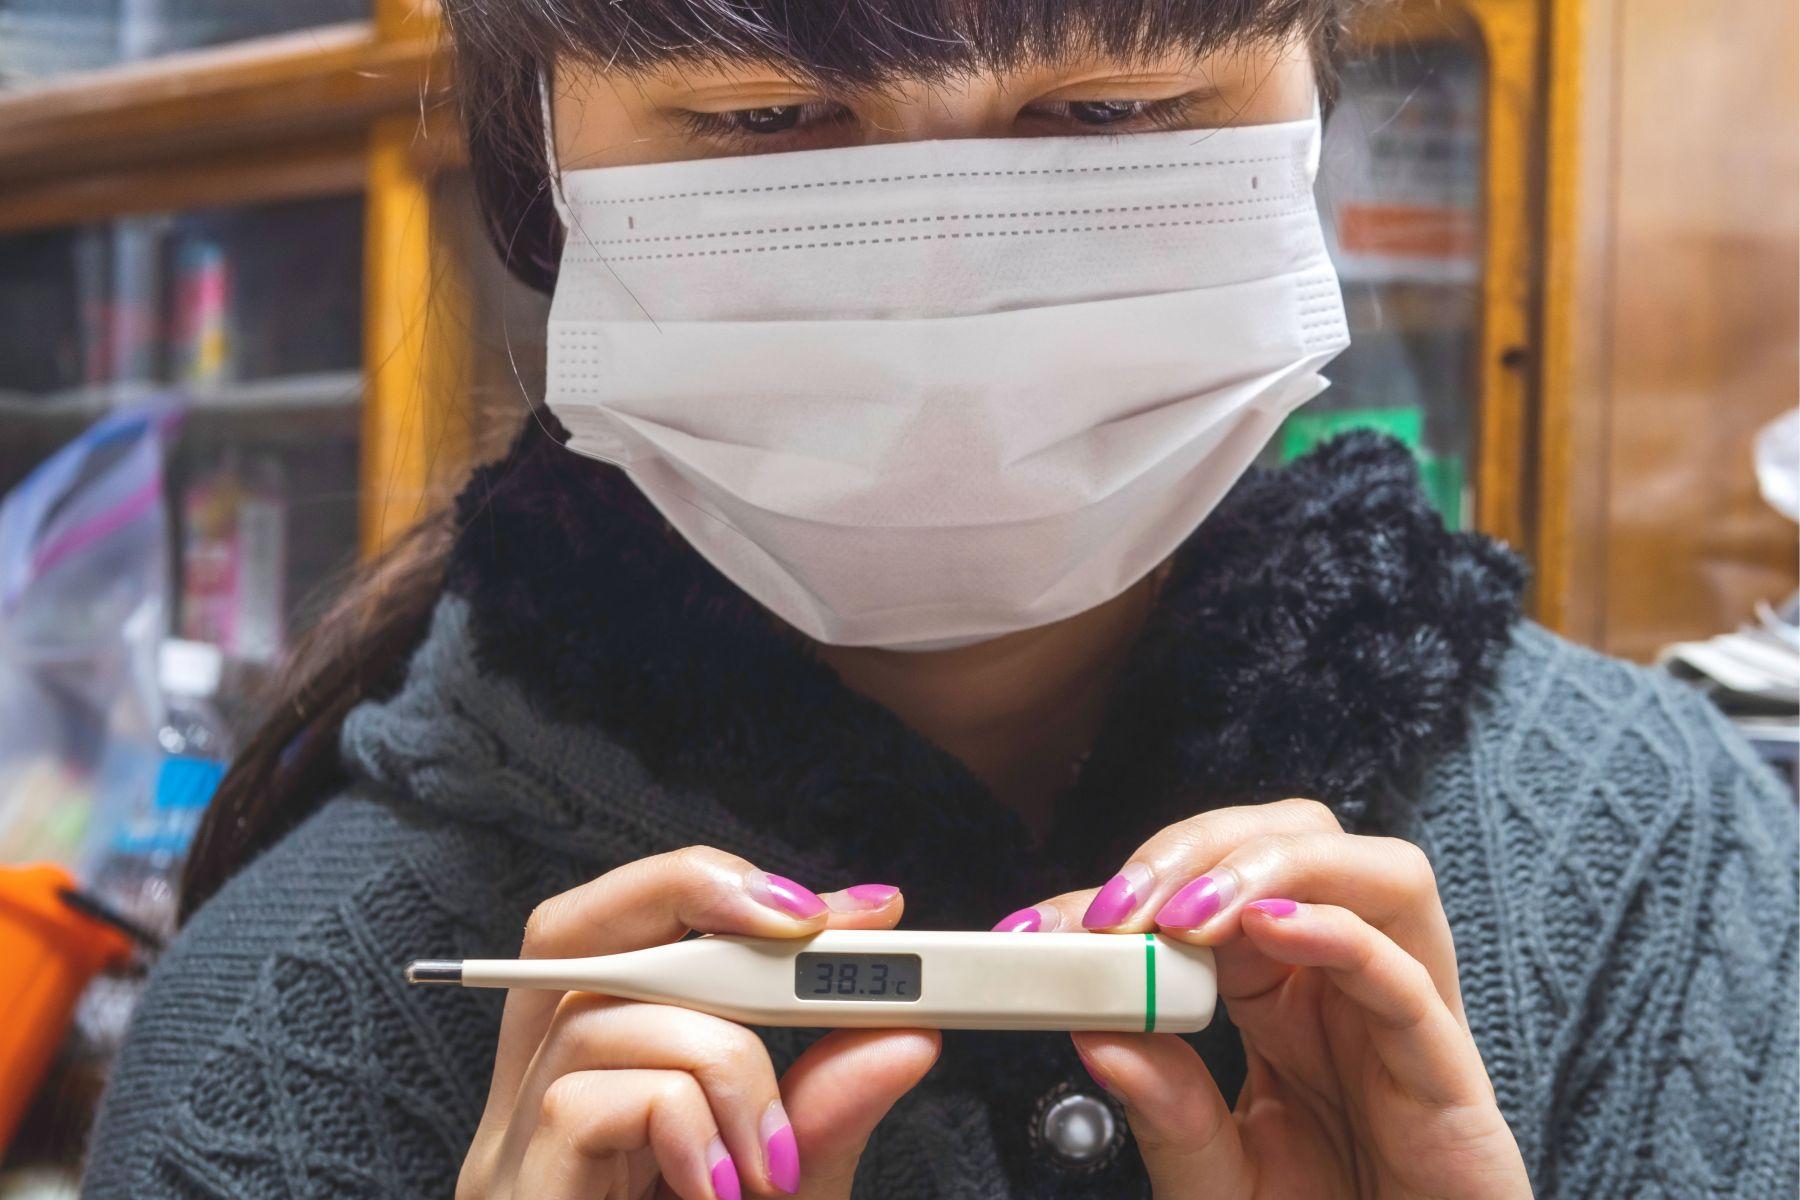 武漢肺炎症狀》出現發燒、咳嗽是肺炎?研究:有喪失味覺、嗅覺恐是異常前兆